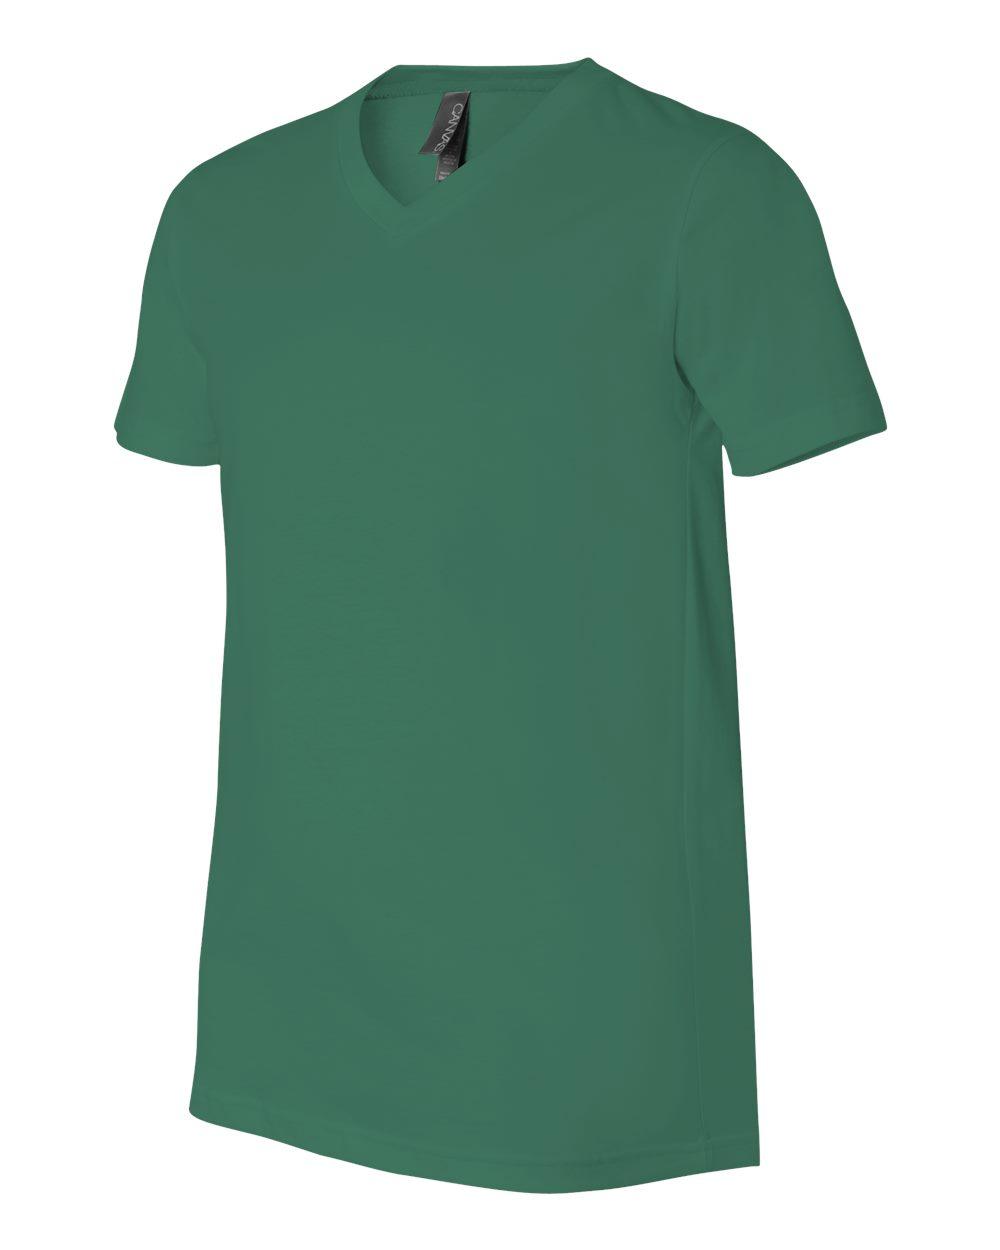 Bella-Canvas-Men-039-s-Jersey-Short-Sleeve-V-Neck-T-Shirt-3005-XS-3XL thumbnail 39